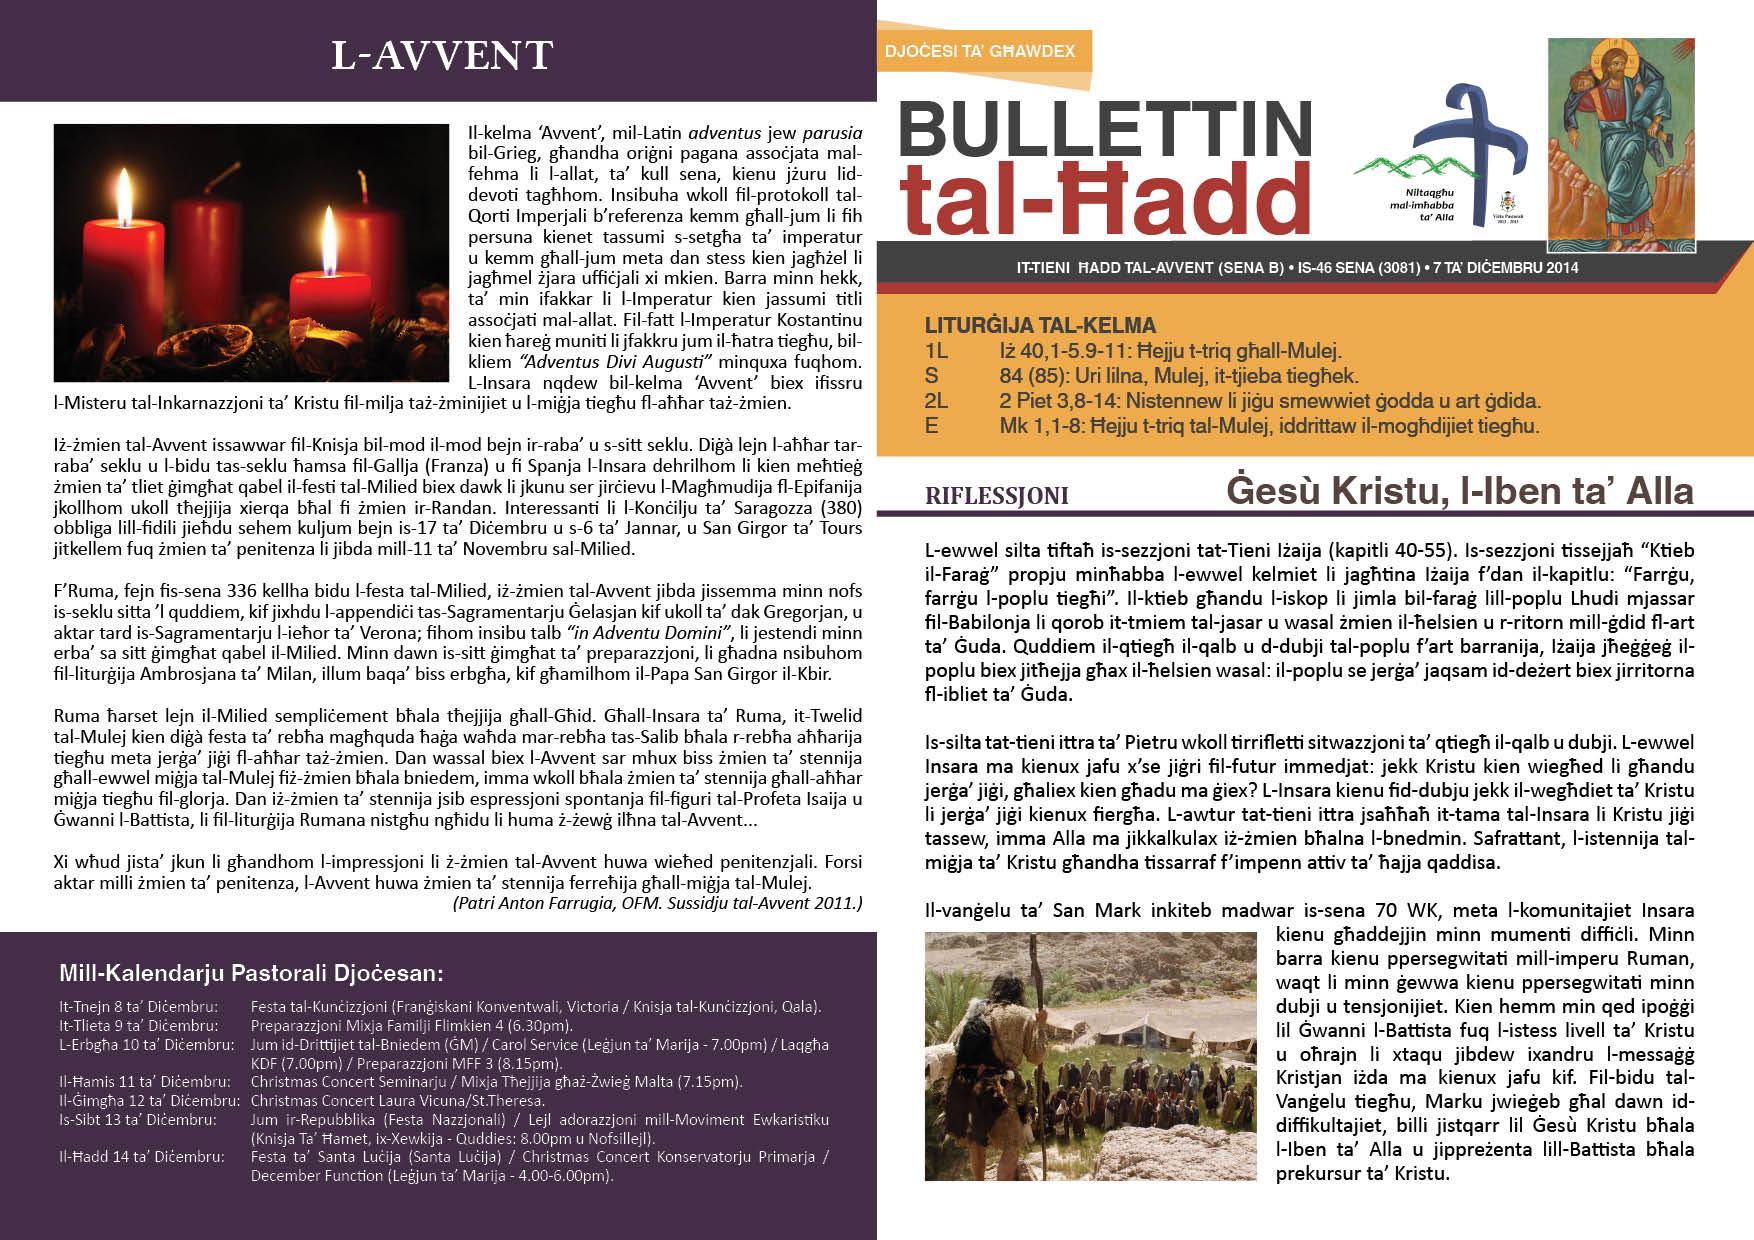 bullettin-2014-dicembru-7-2.jpg